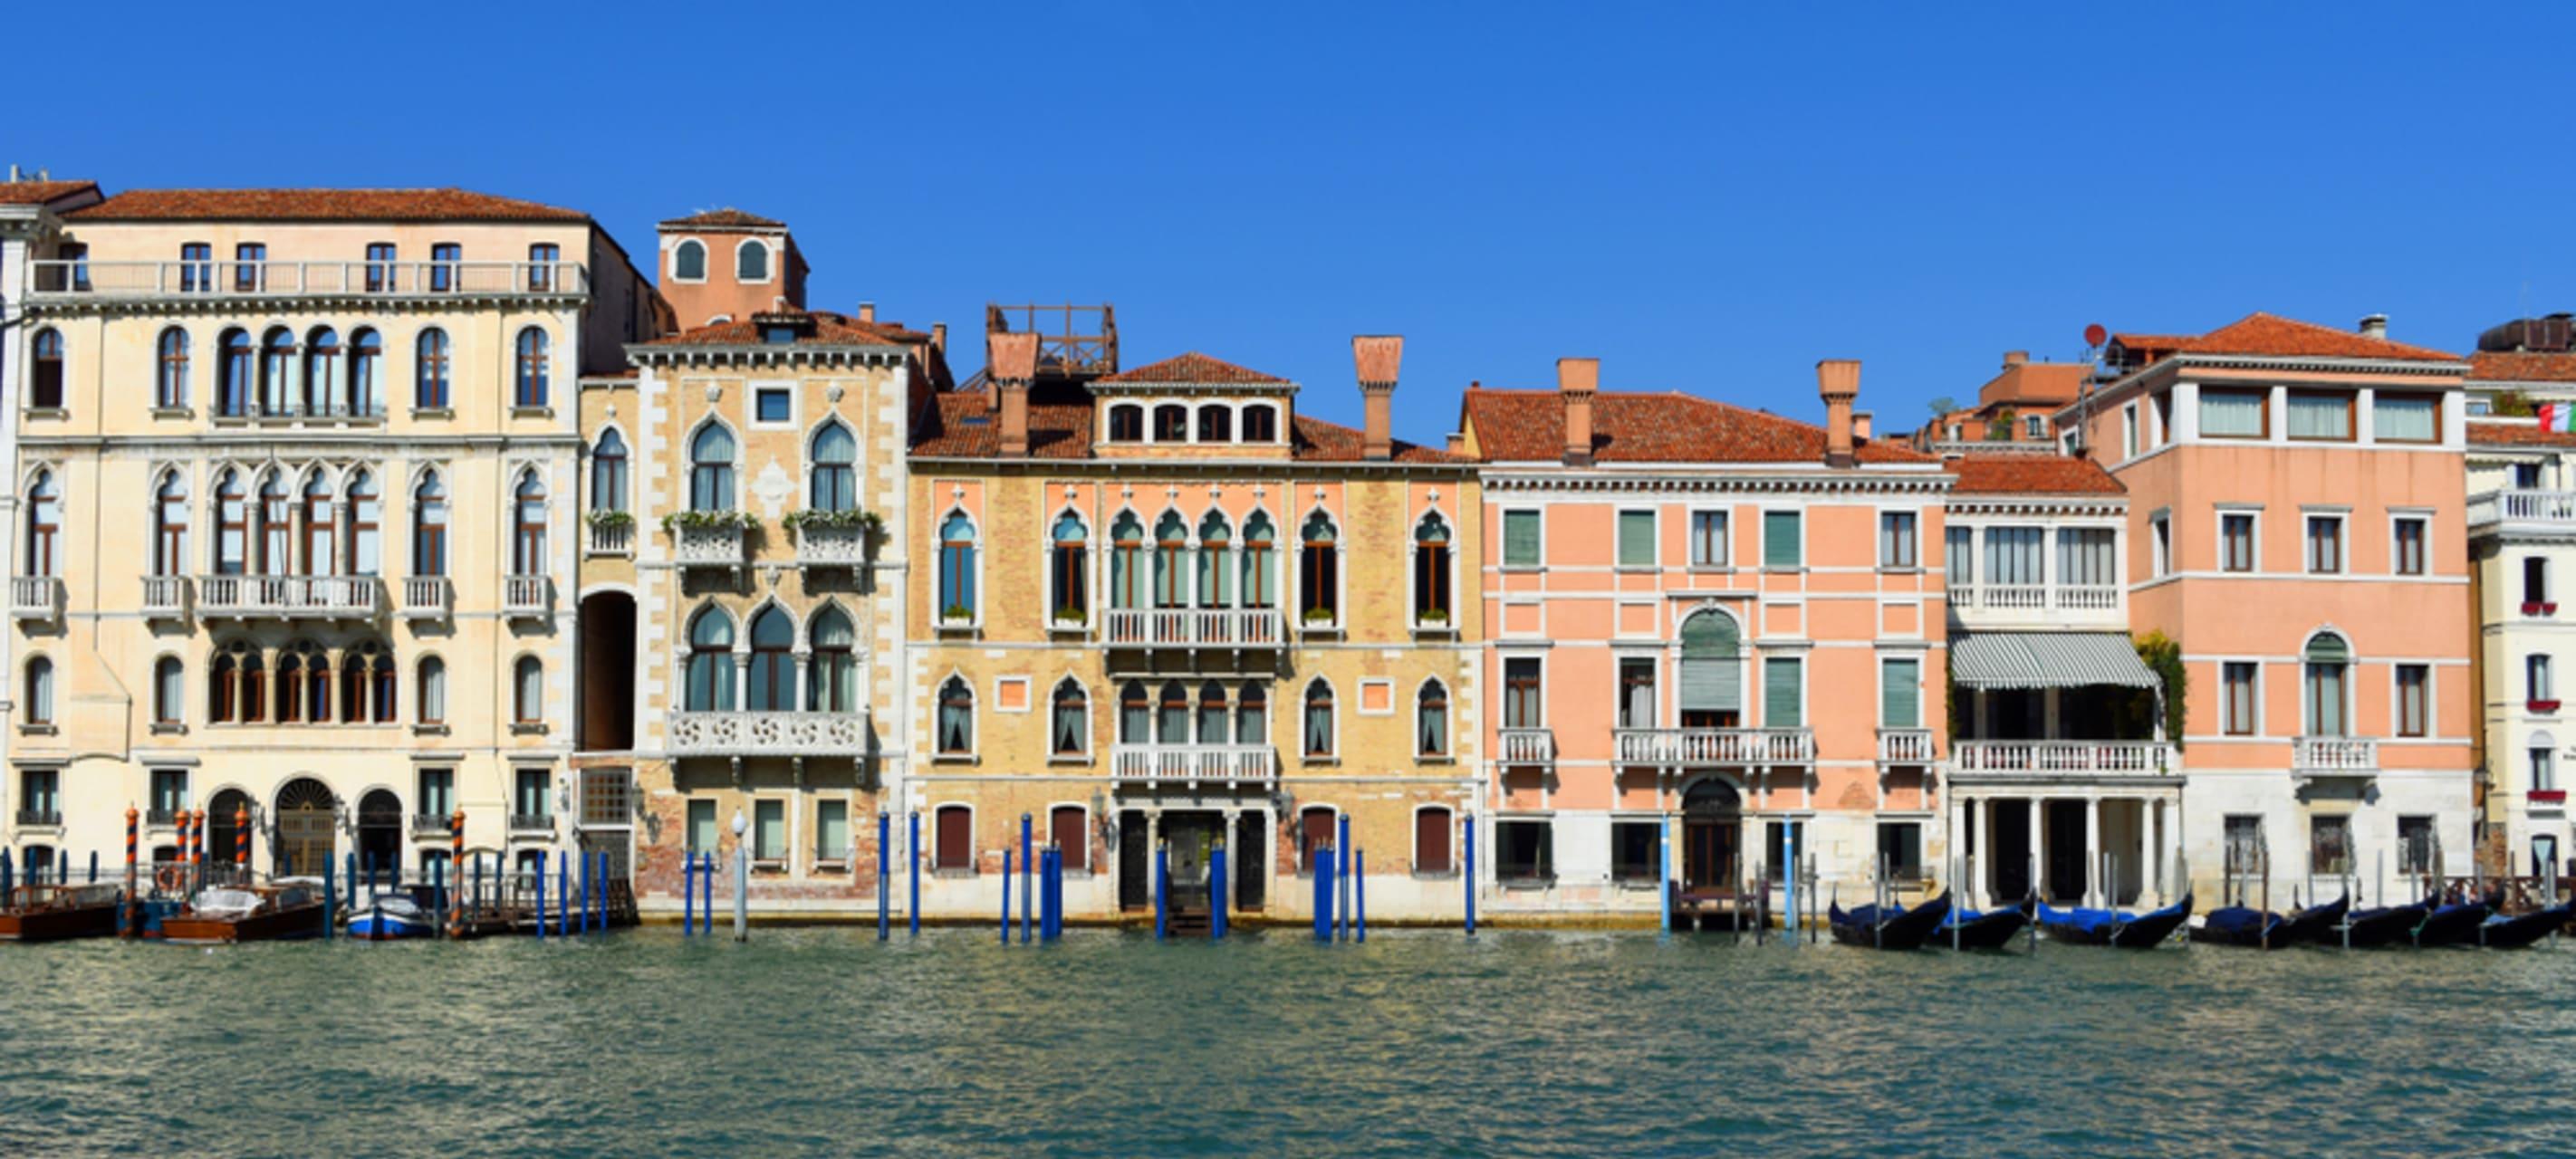 Venice - Venice Art District